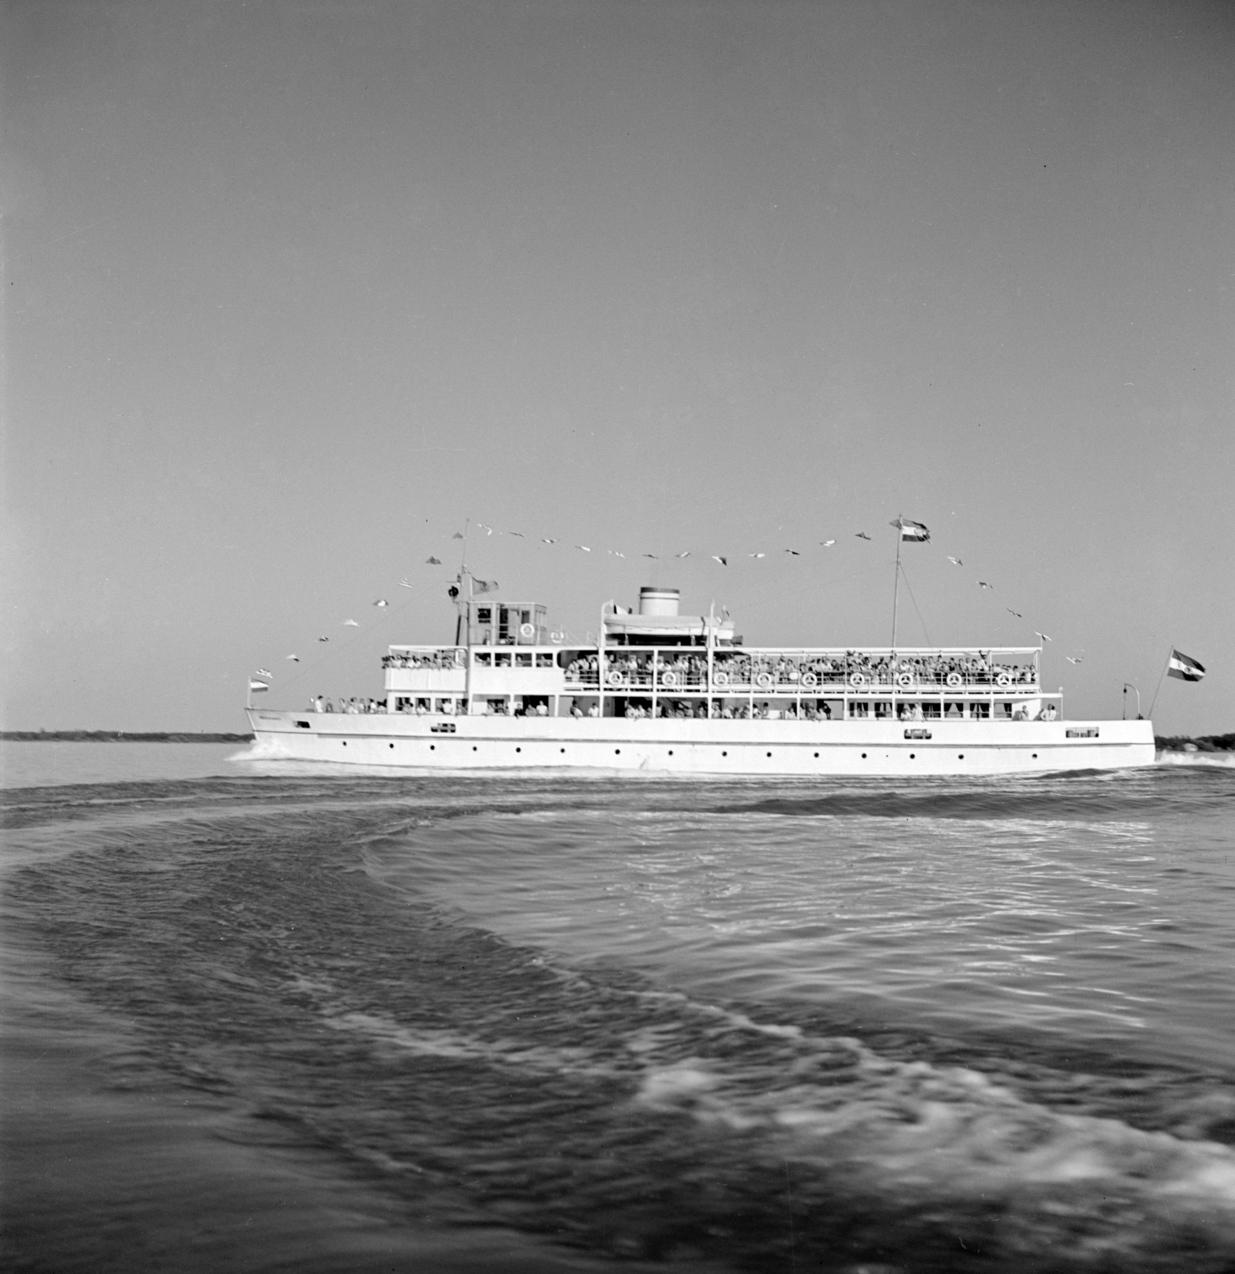 Balatonfüred, 1952. július 4. A feldíszített, utasokkal teli Beloiannisz hajó első útja Balatonfüredről, a hajóavatási ünnepségen. MTI Fotó/Magyar Fotó: Mező Sándor